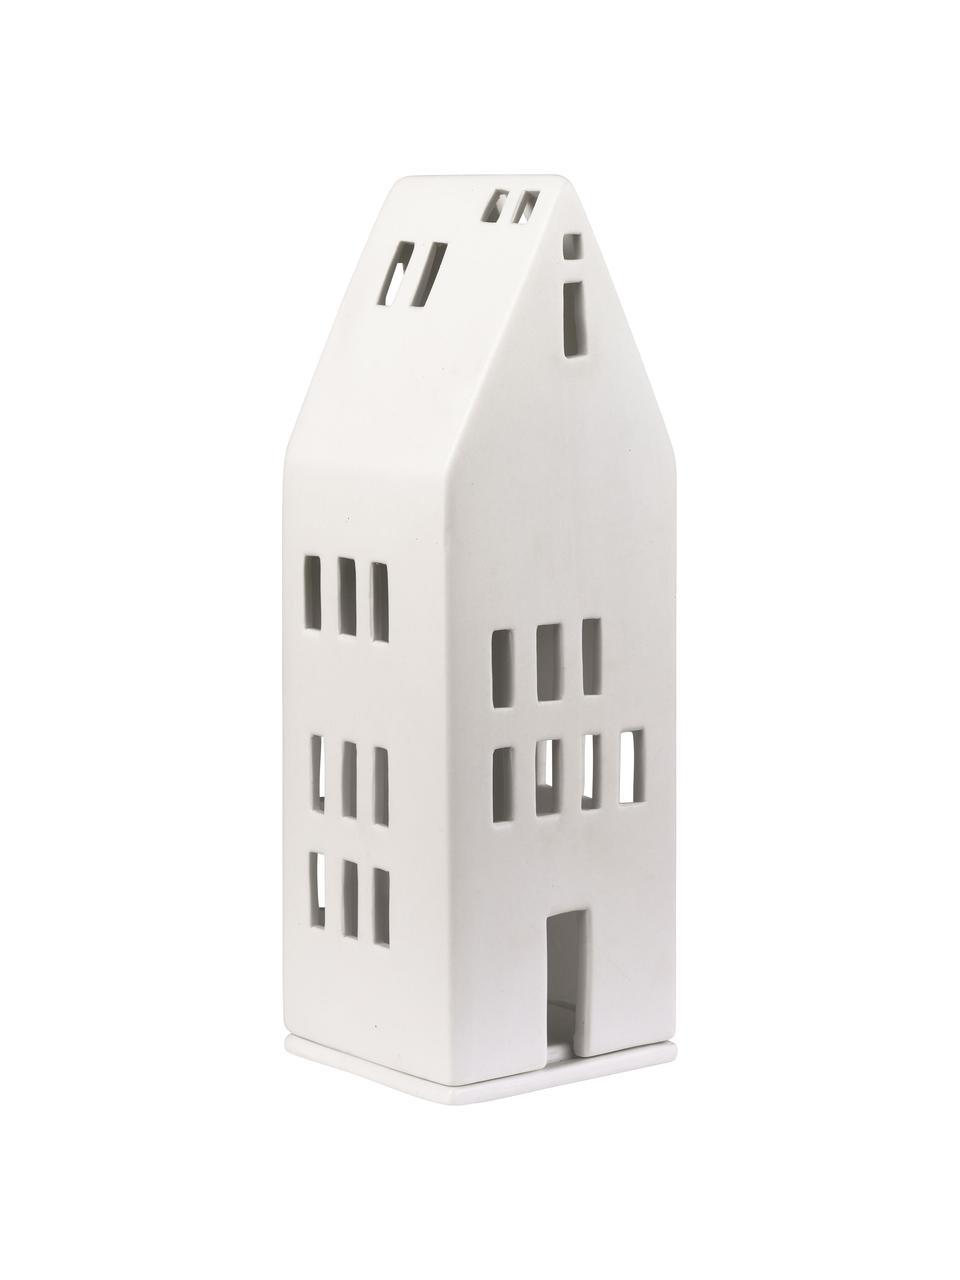 Lichthaus Building, Porzellan, Weiß, 8 x 22 cm